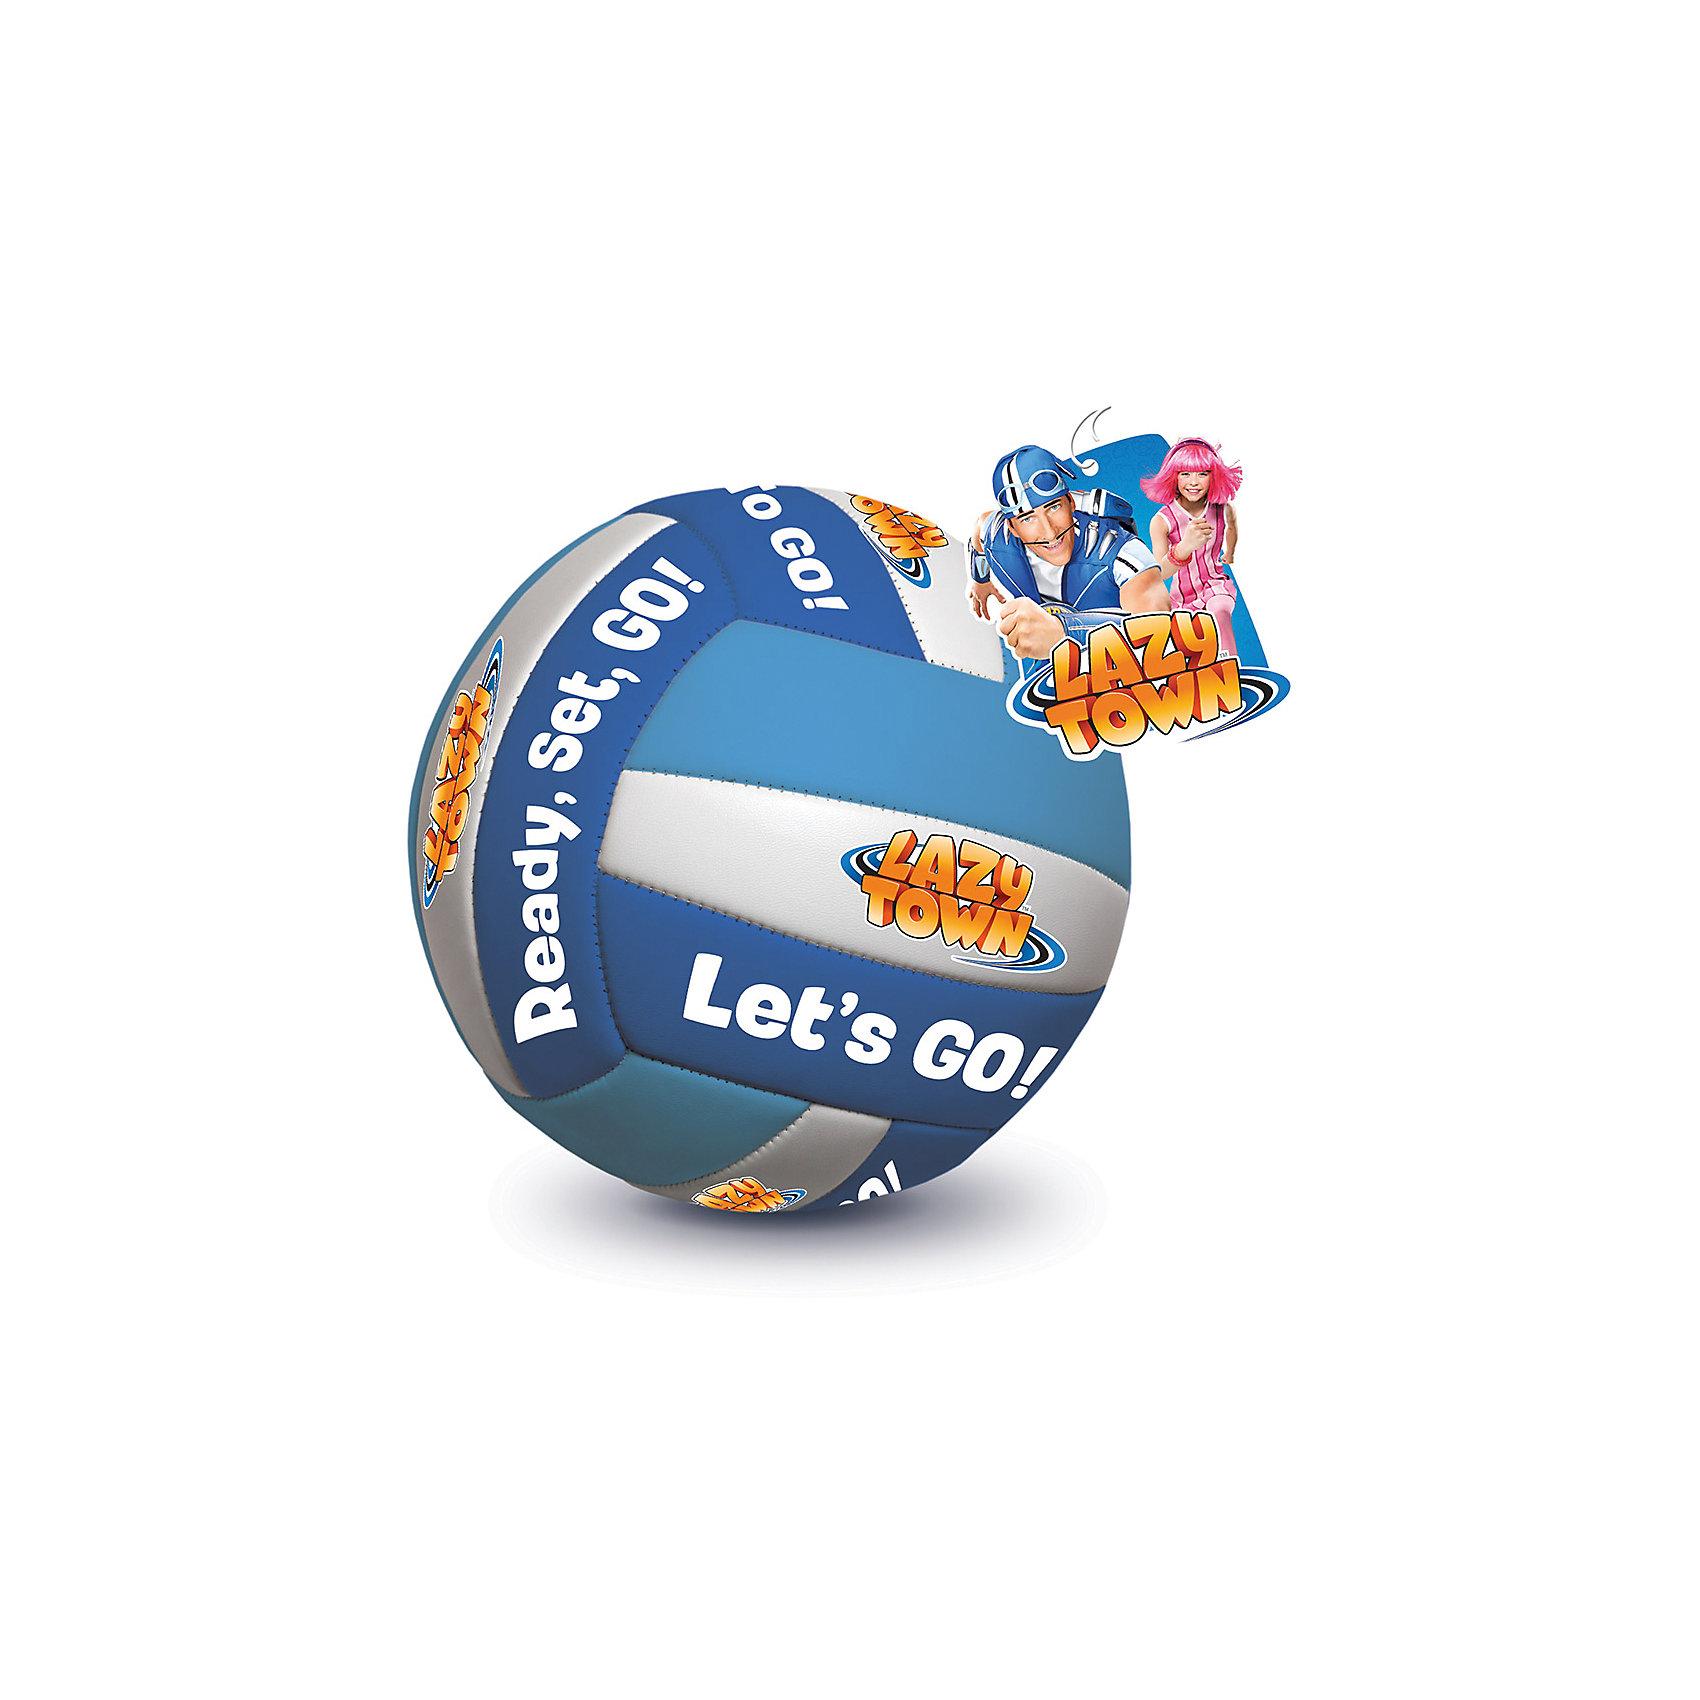 - Волейбольный мяч Lazy Town, Лето мяч волейбольный atemi space бел желт син